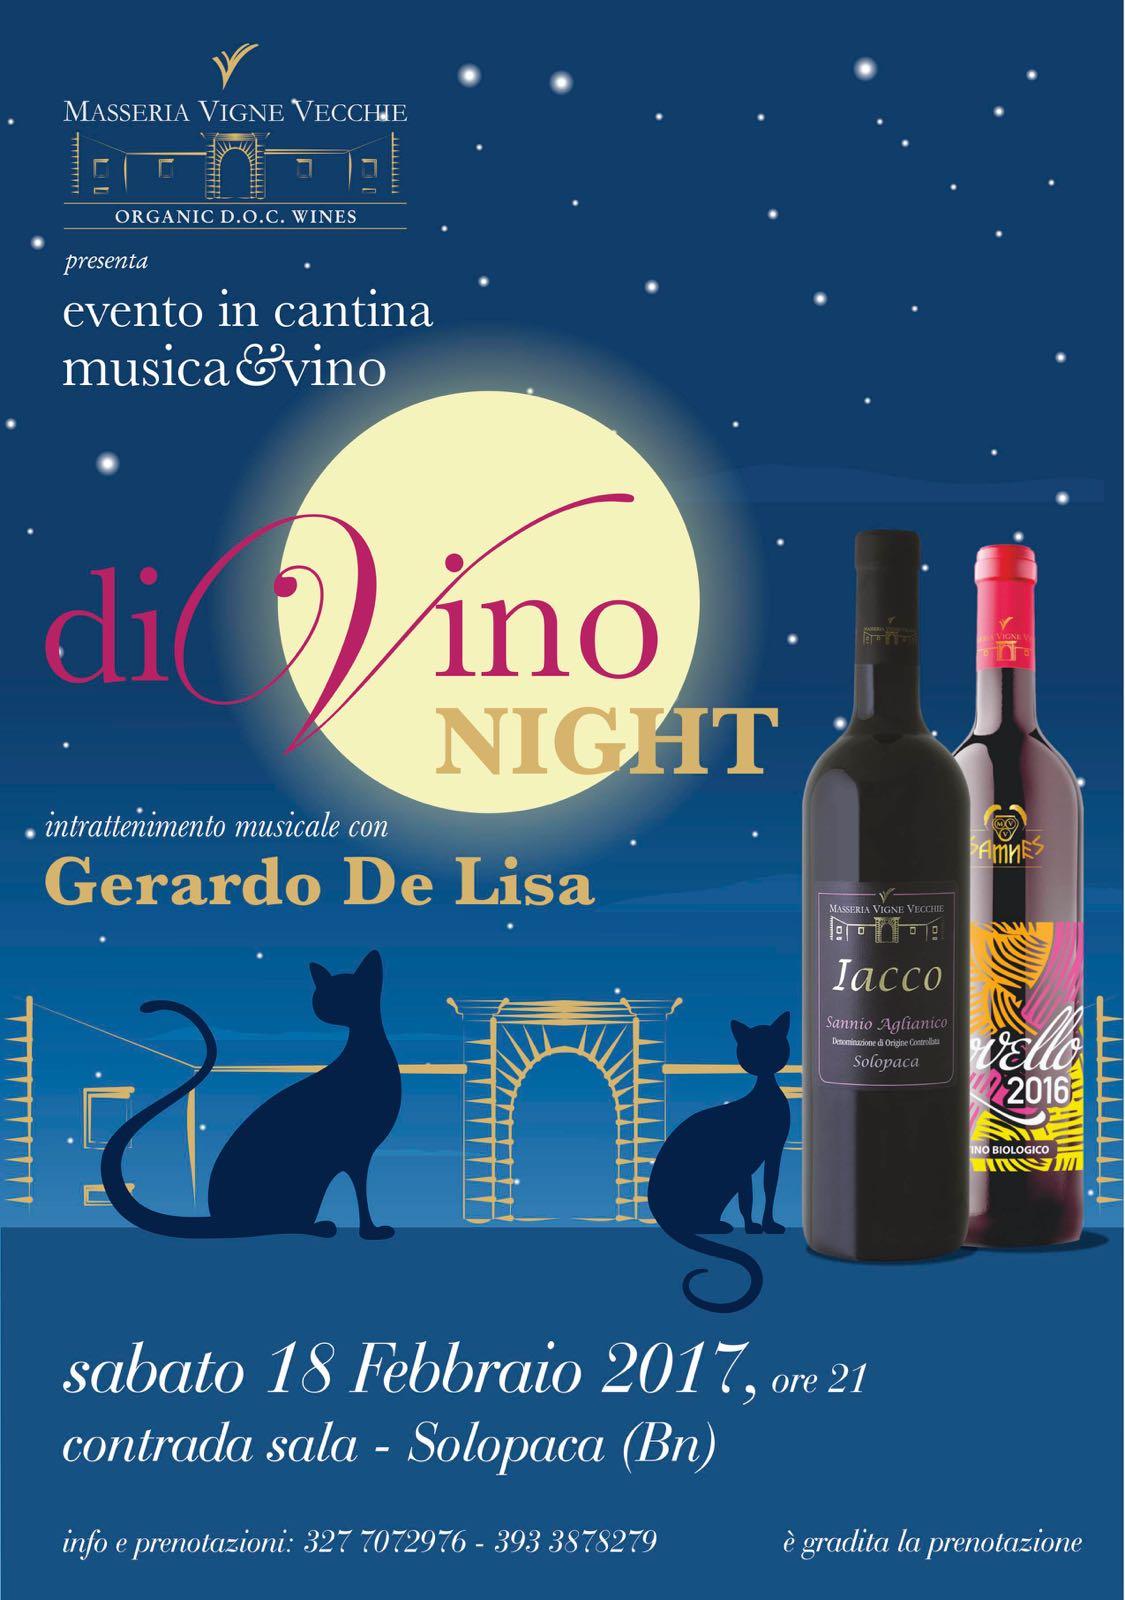 A Masseria Vigne Vecchie di Solopaca c'è 'diVino night'